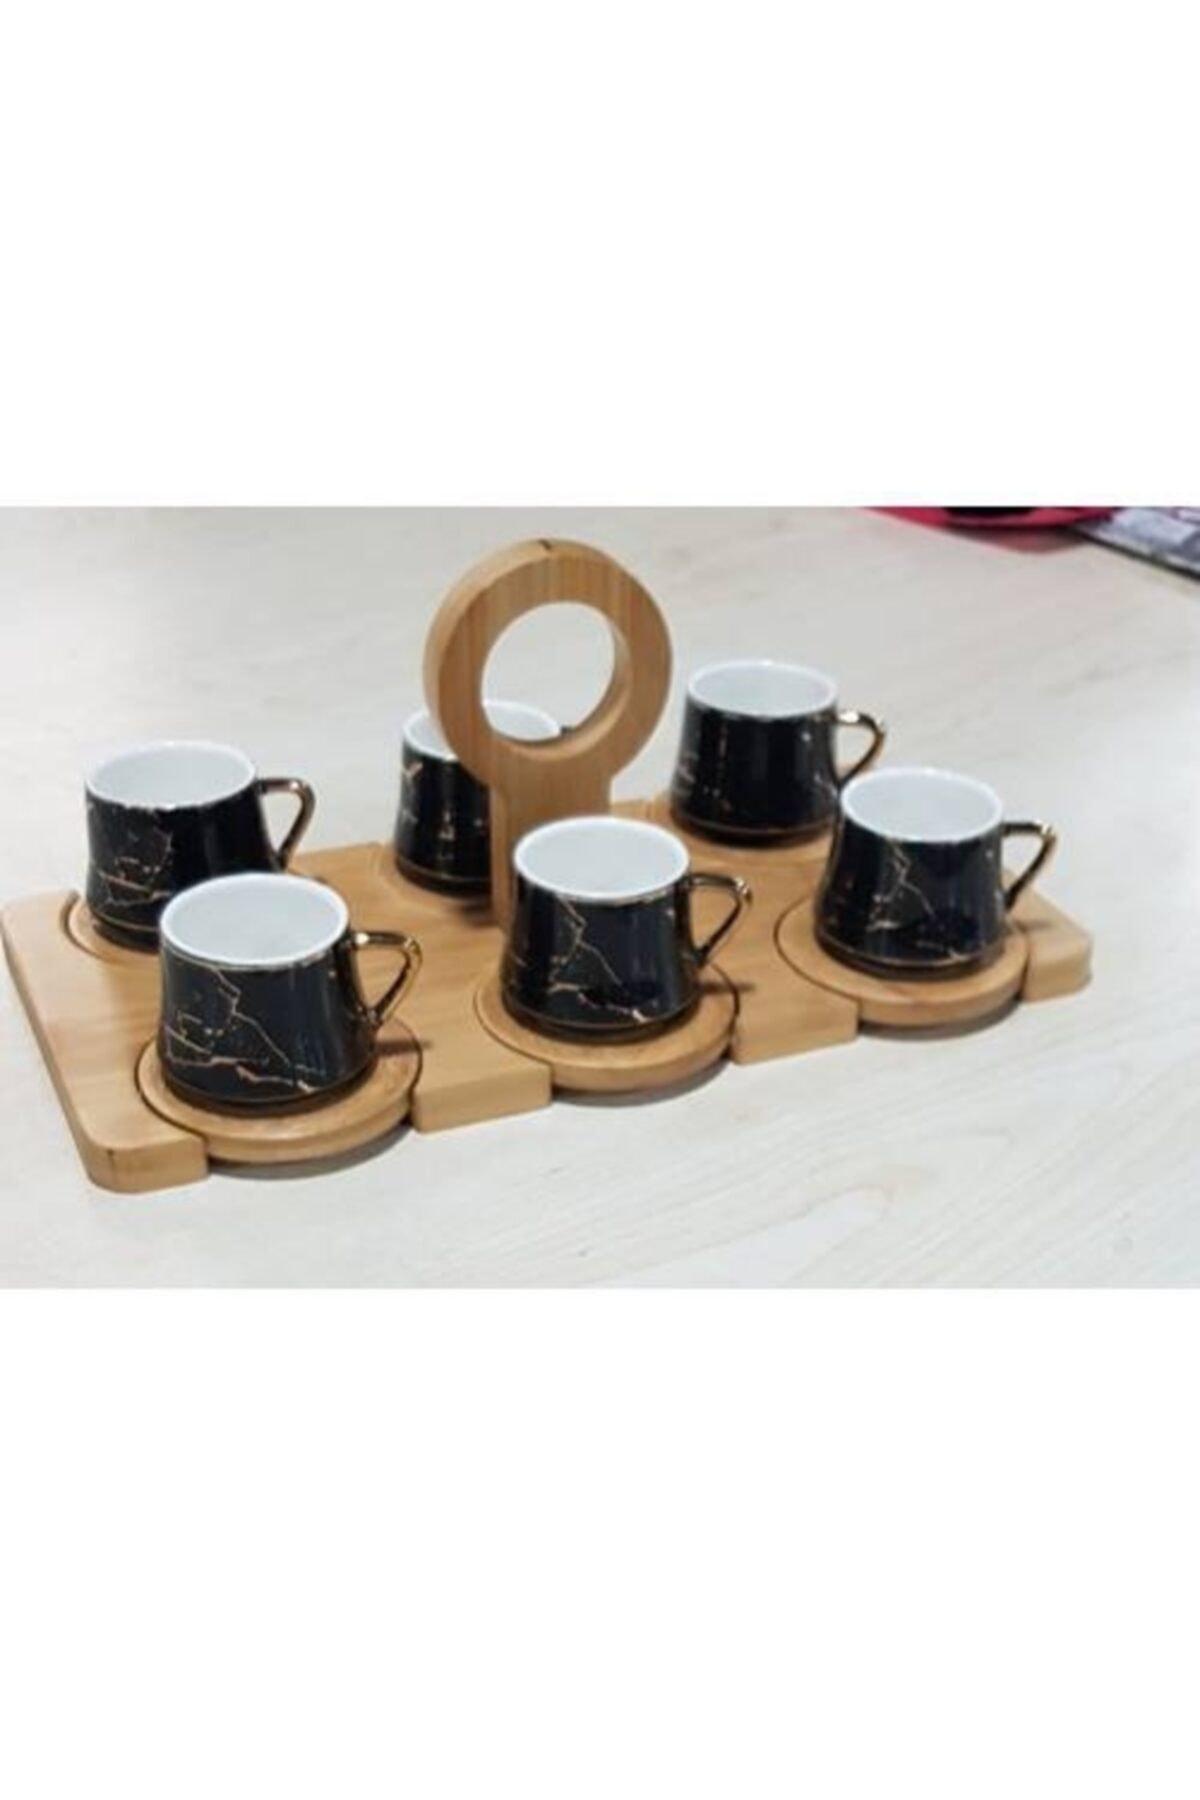 Paçi Bambu Tepsili Tutmalı Siyah Mermer Desen Türk Kahvesi Fincan Takımı Fincan Seti Siyah 2